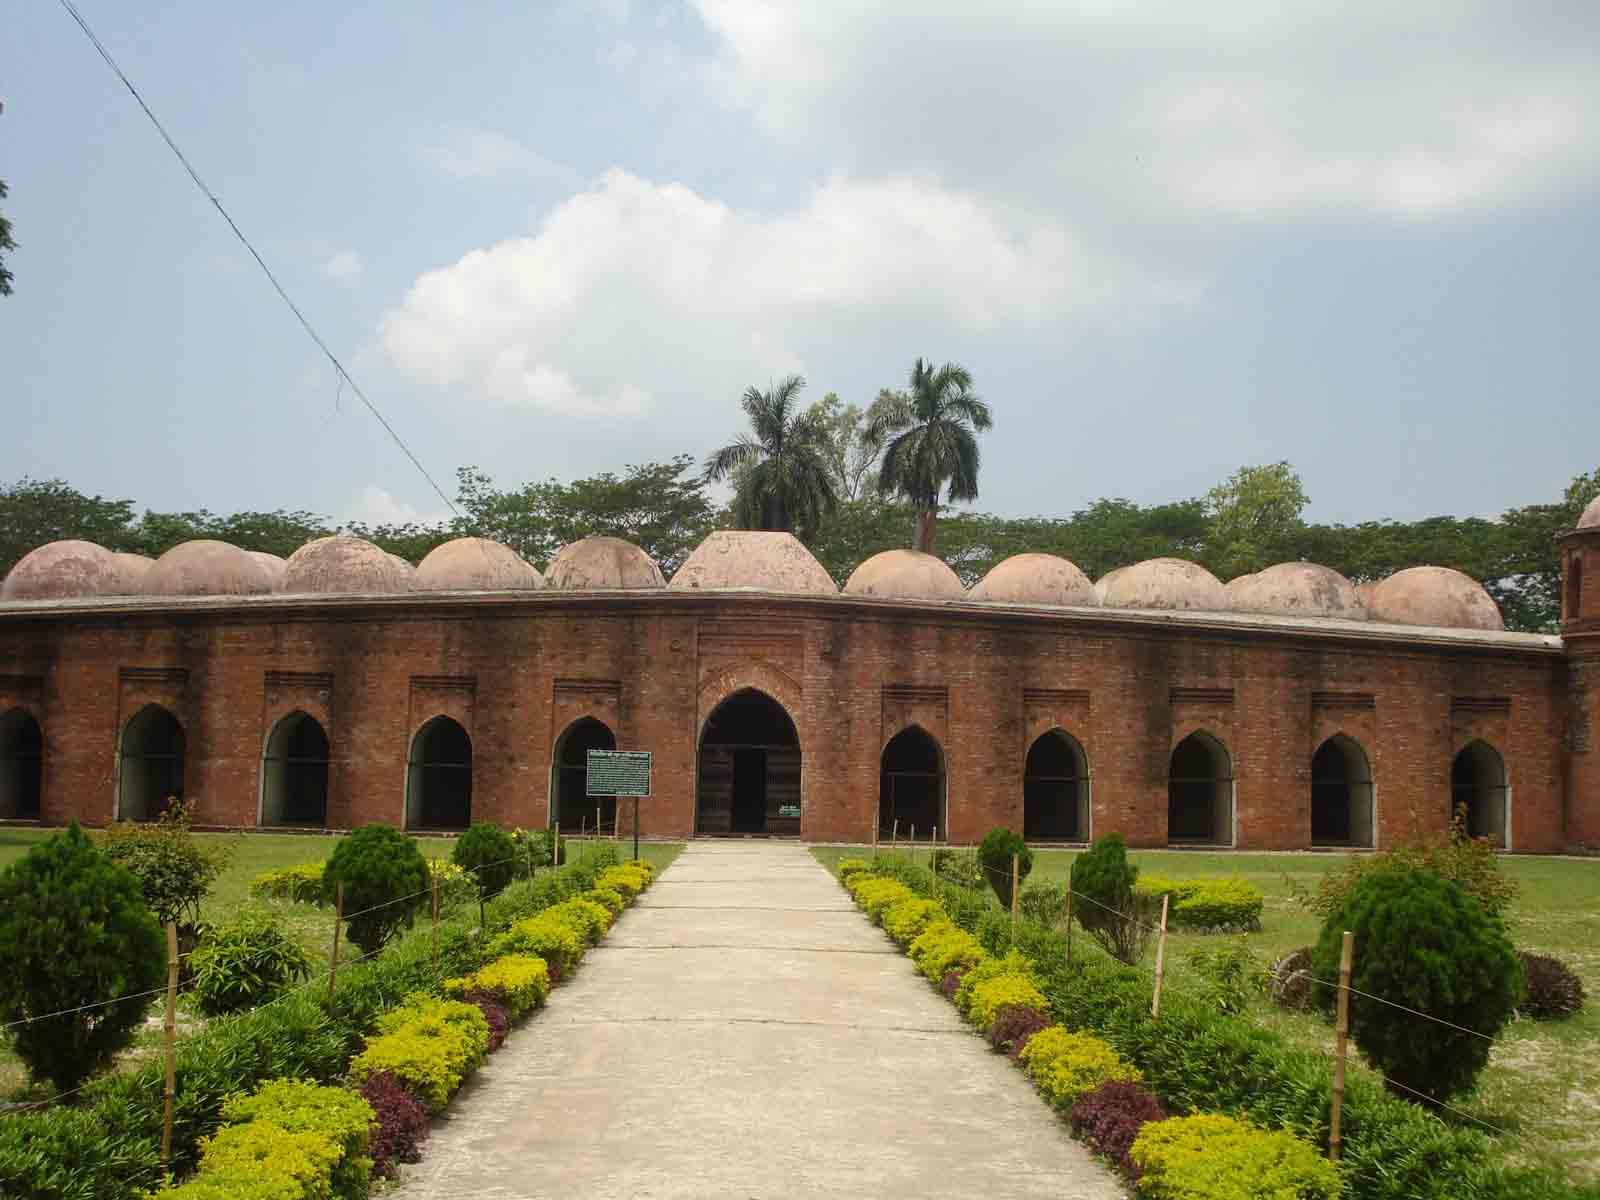 Cảnh quan xung quanh nhà thờ Bagerhat còn giữ được khá nguyên vẹn, cả ao hồ, cây cối..